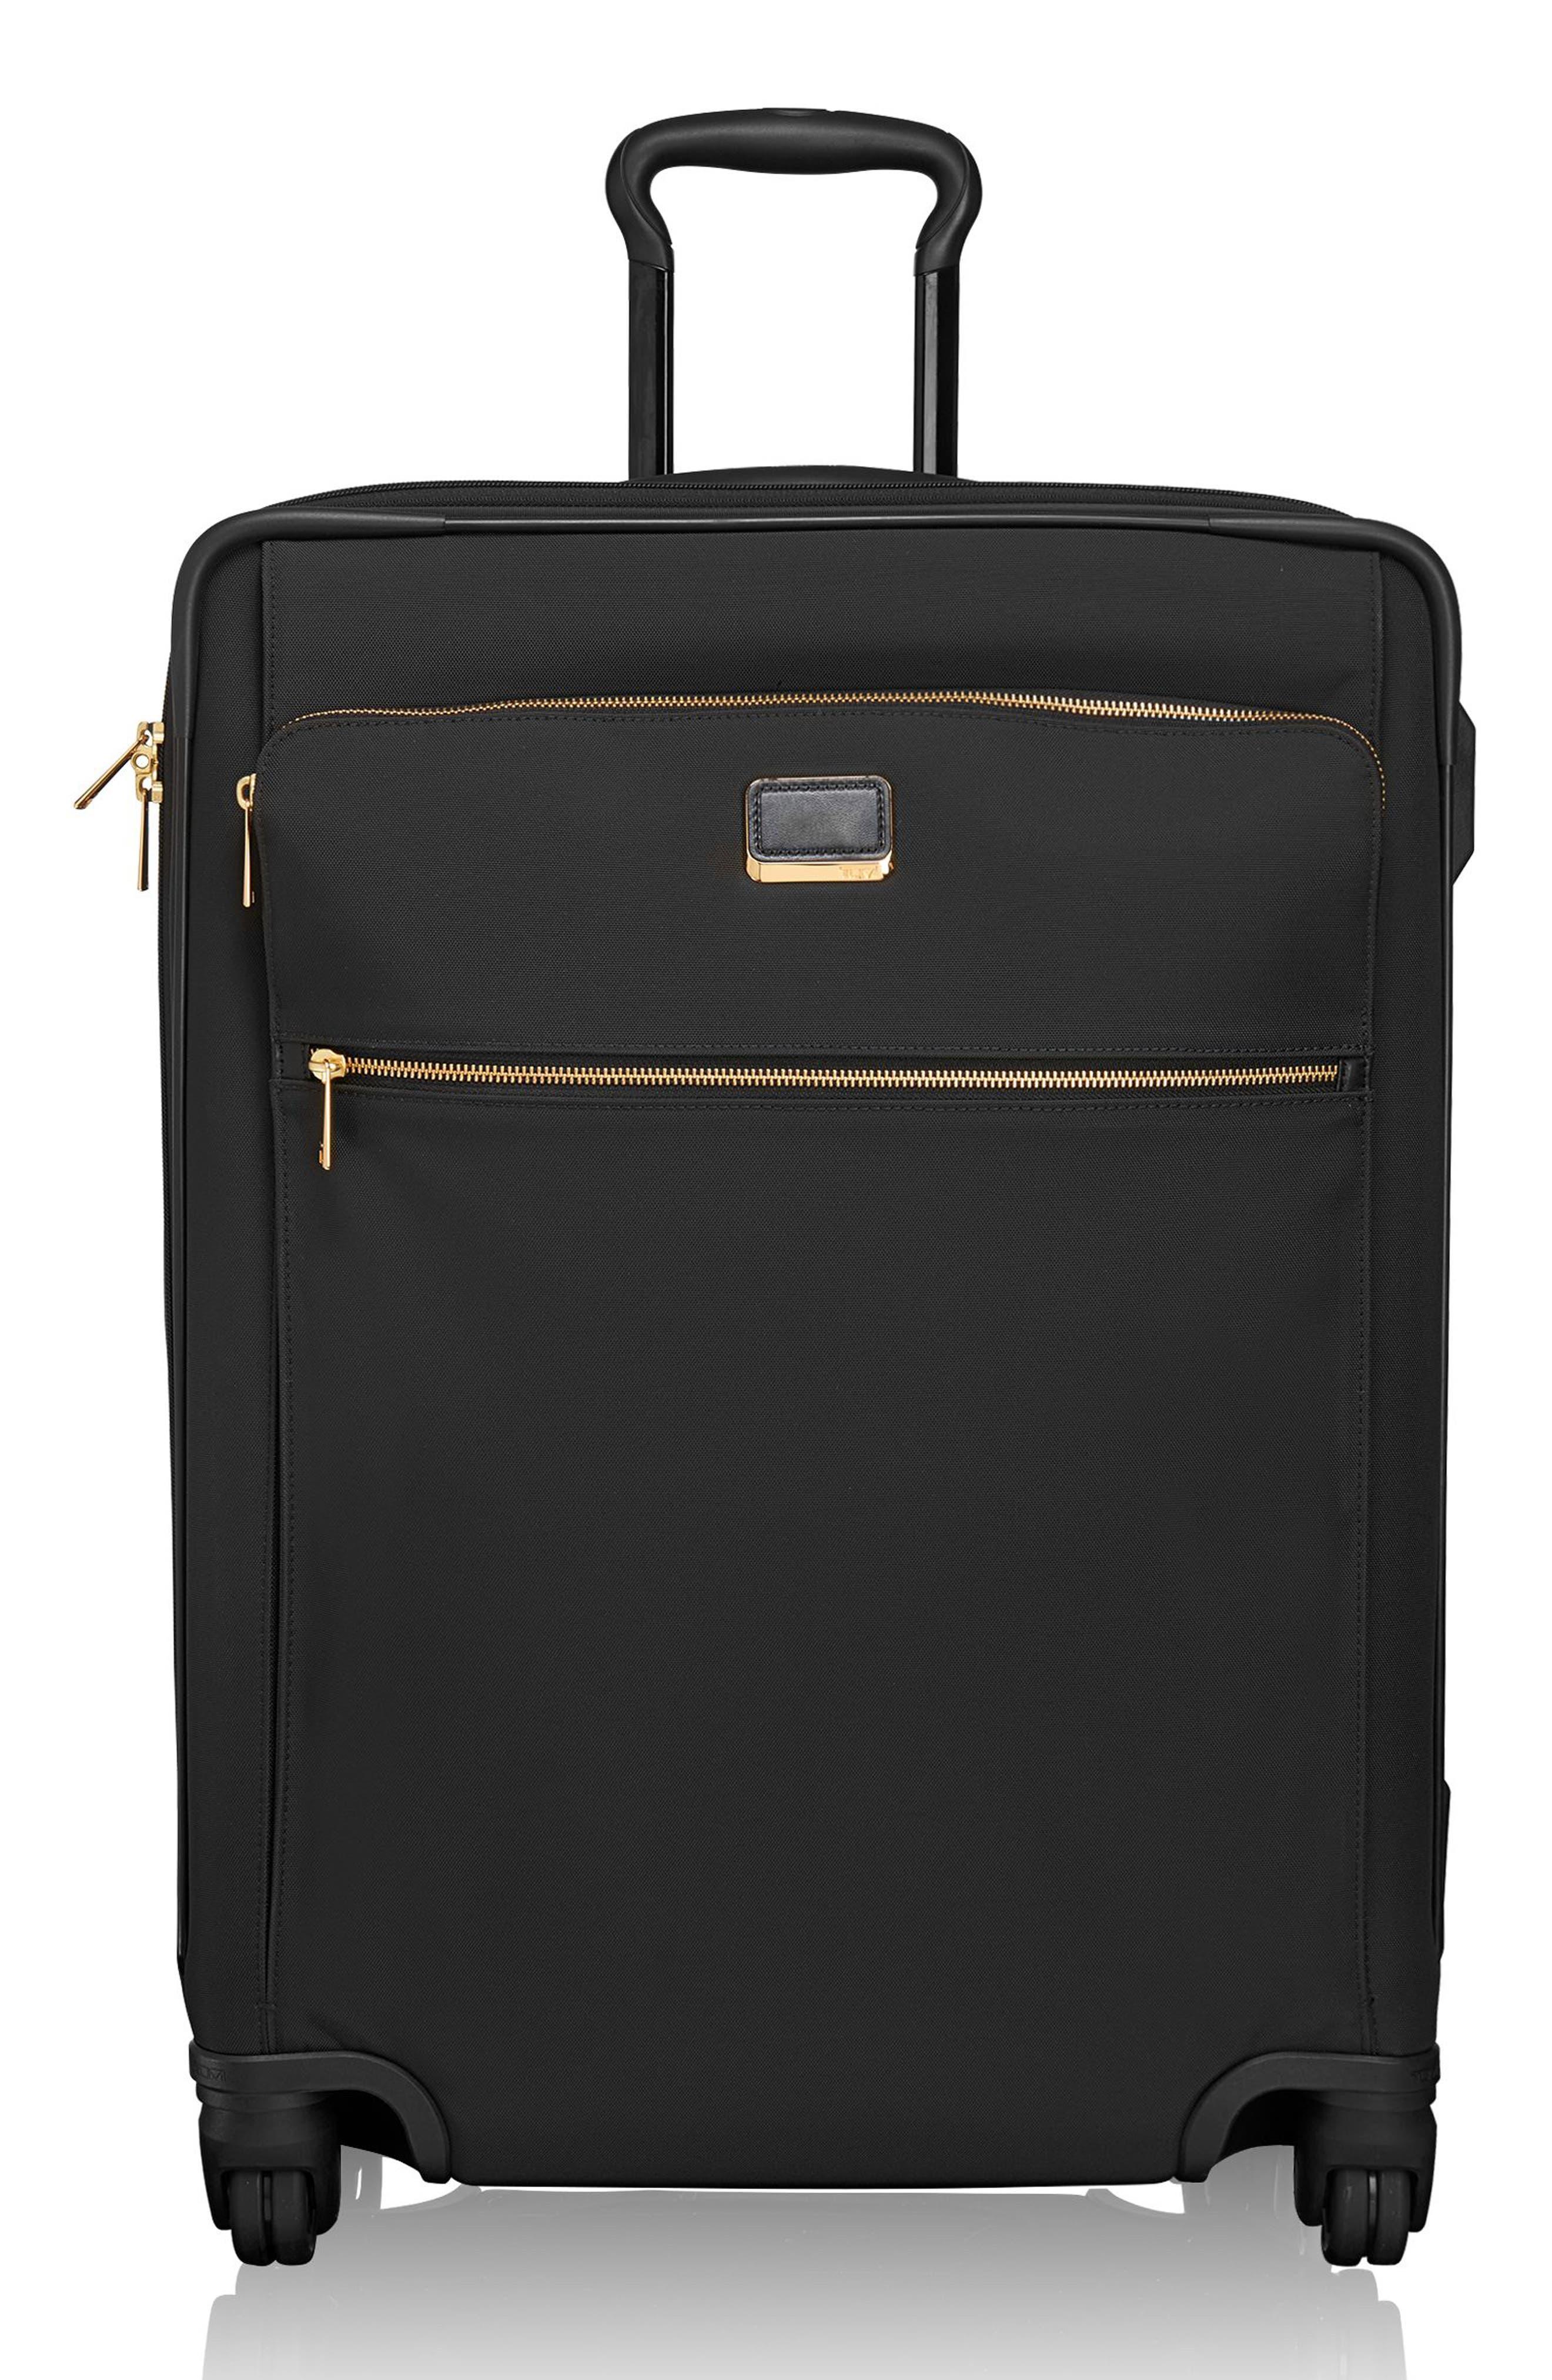 Larkin - Jess Short Trip 26-Inch Expandable 4-Wheel Suitcase,                             Alternate thumbnail 2, color,                             BLACK